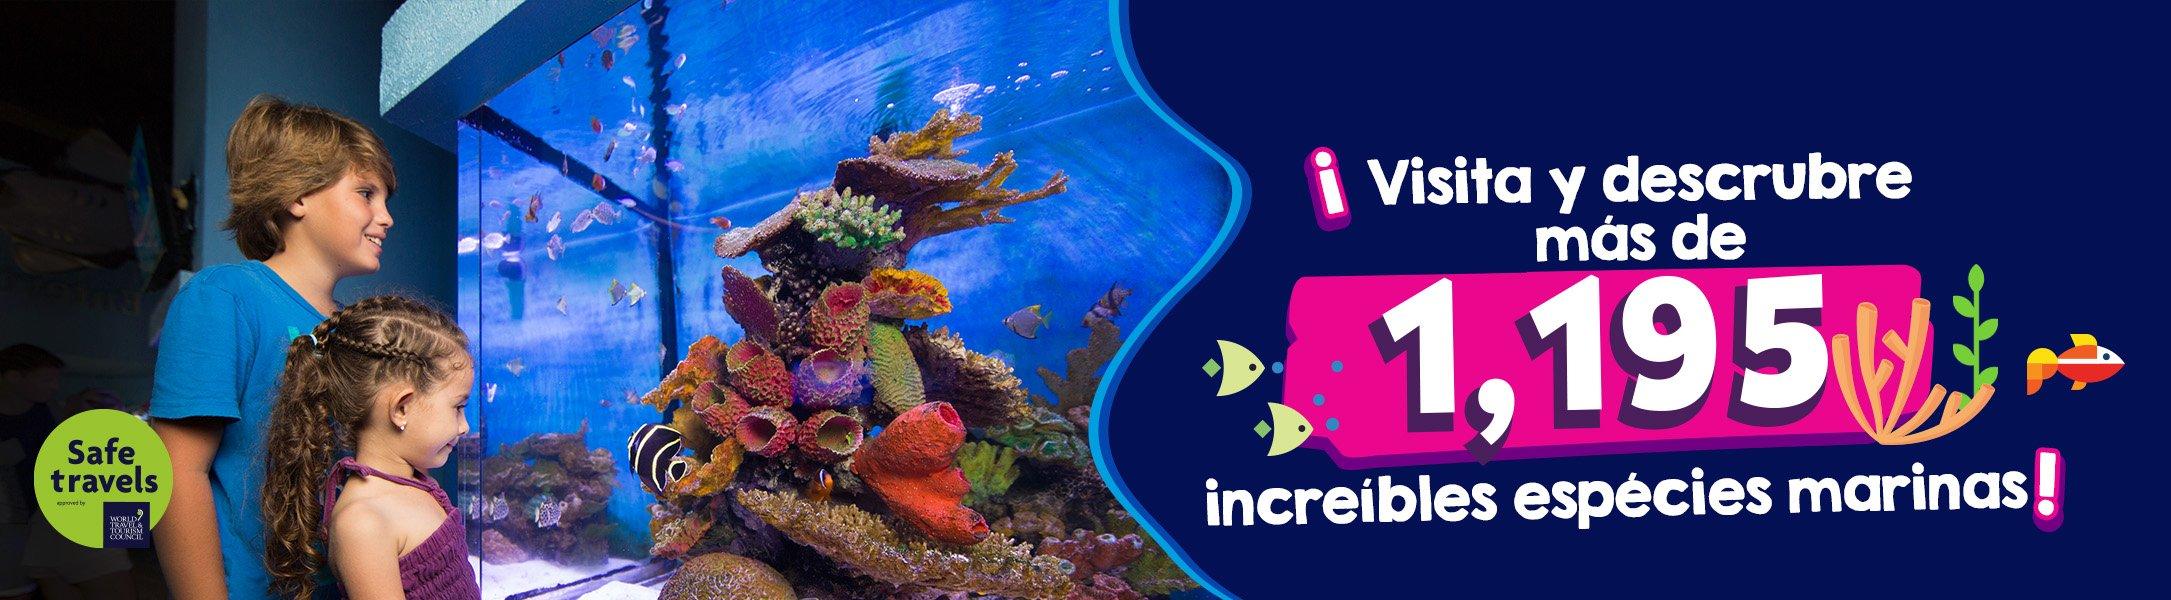 Acuario interactivo de Cancun Interactive aquarium Cancun